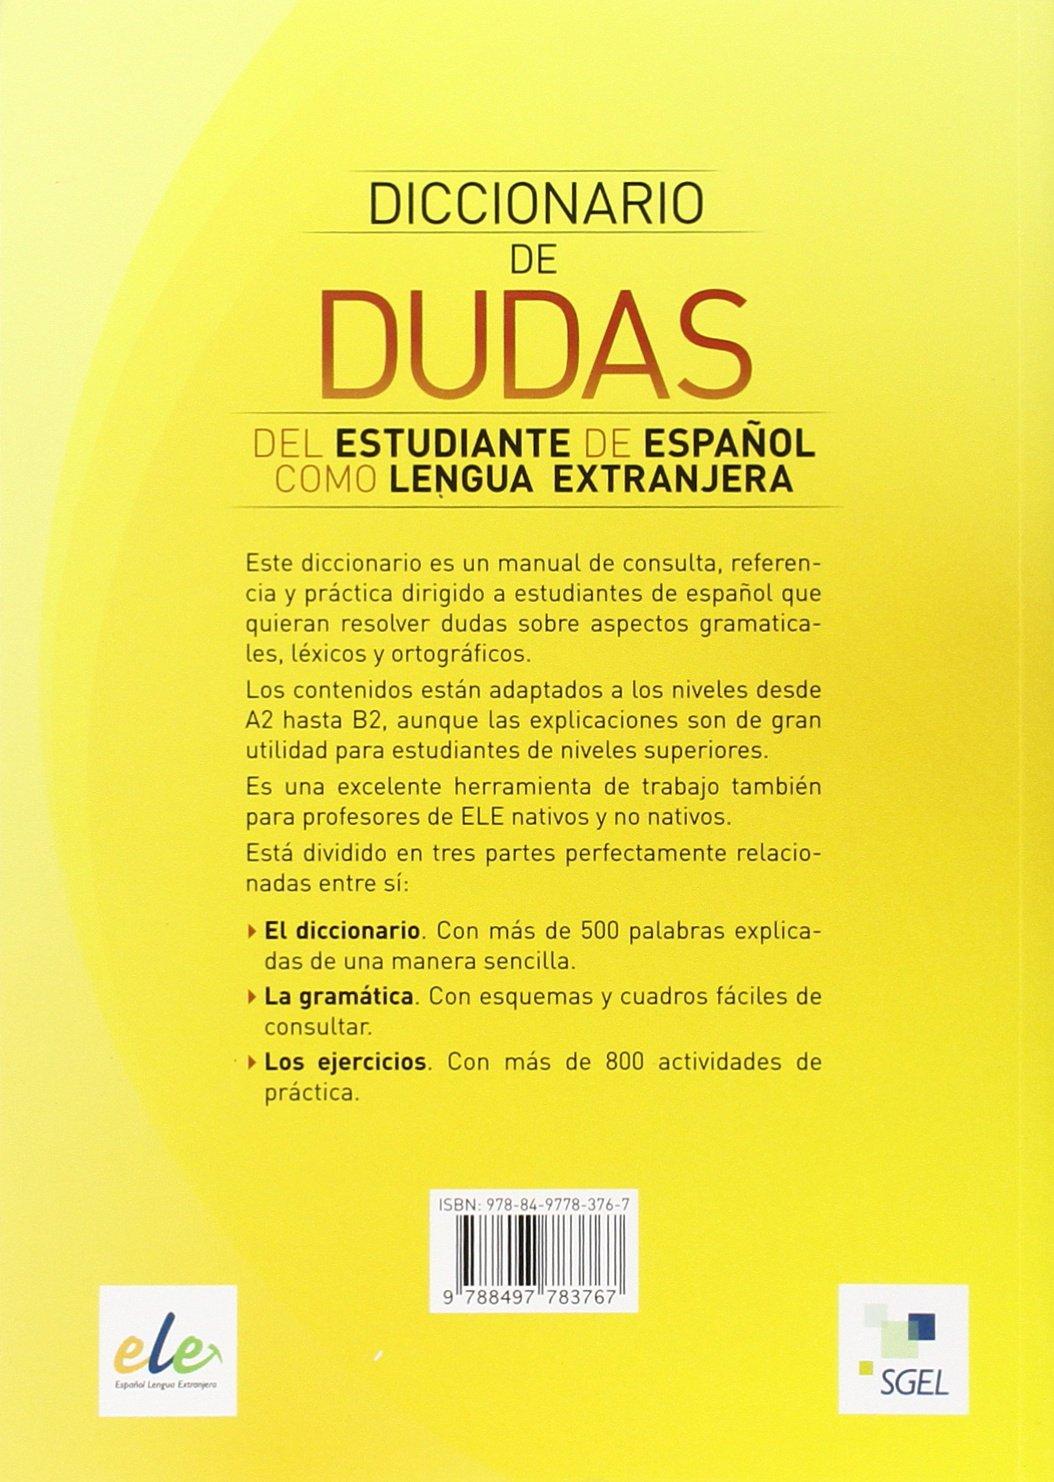 Diccionario americano de dudas frecuentes de la lengua espanola (Spanish Edition)